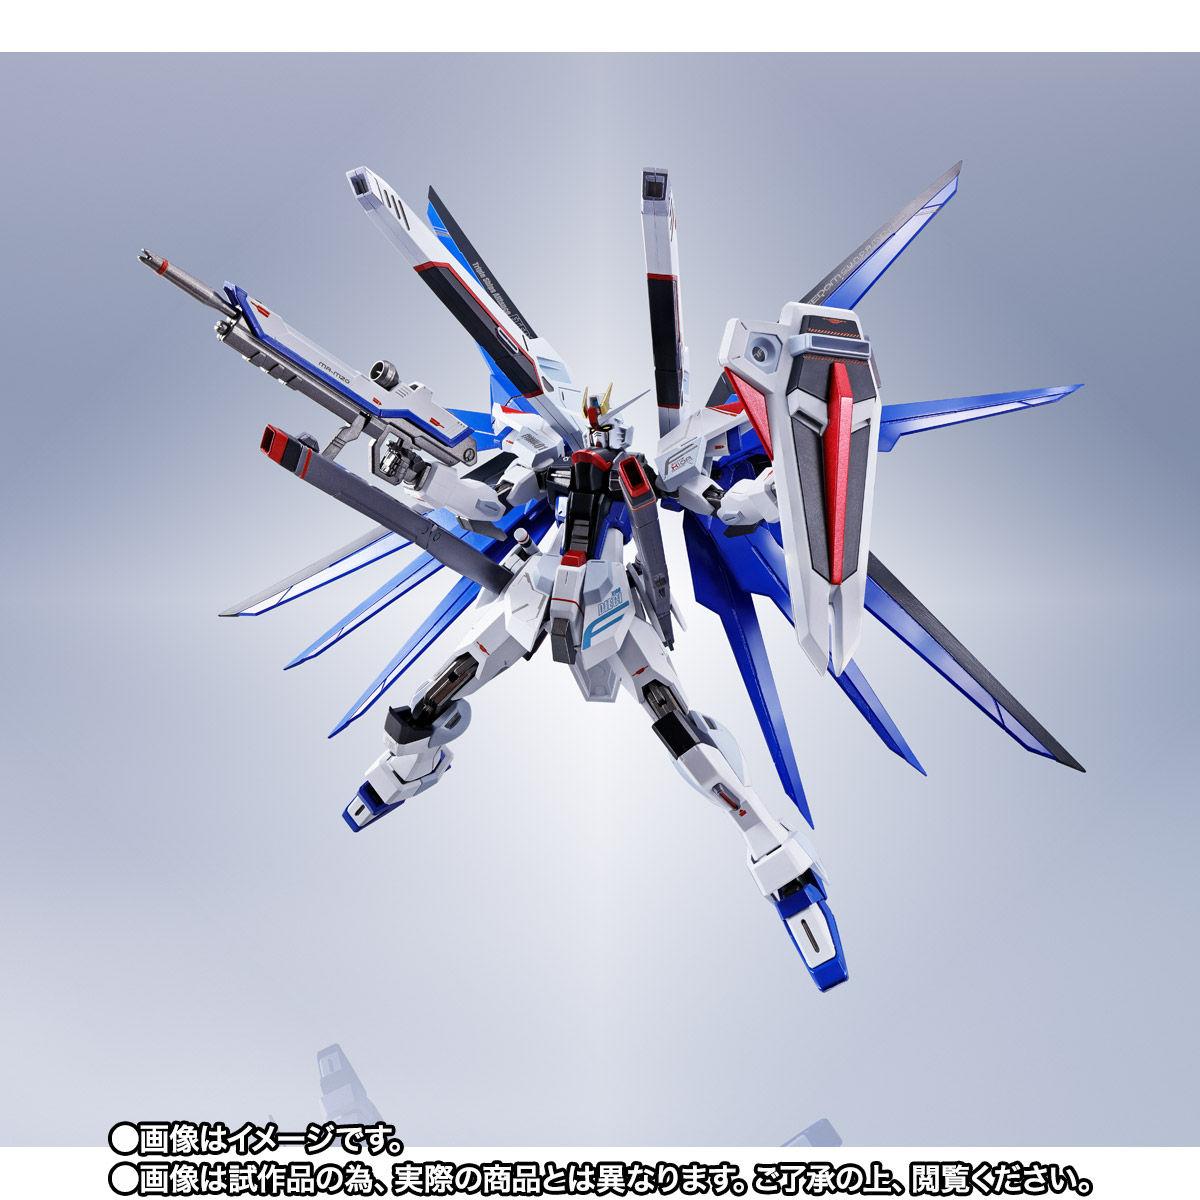 【限定販売】METAL ROBOT魂〈SIDE MS〉『フリーダムガンダム』ガンダムSEED 可動フィギュア-010